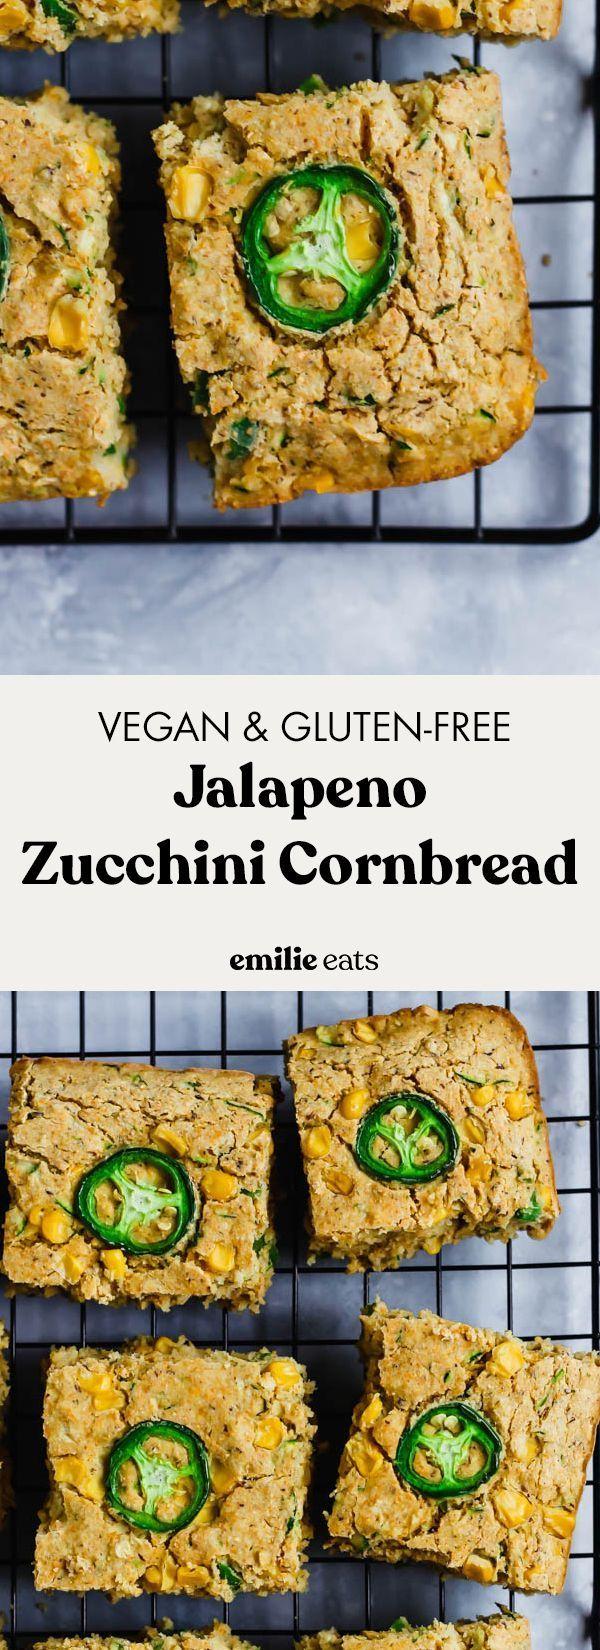 Jalapeno Zucchini Cornbread (végétalien et sans gluten)